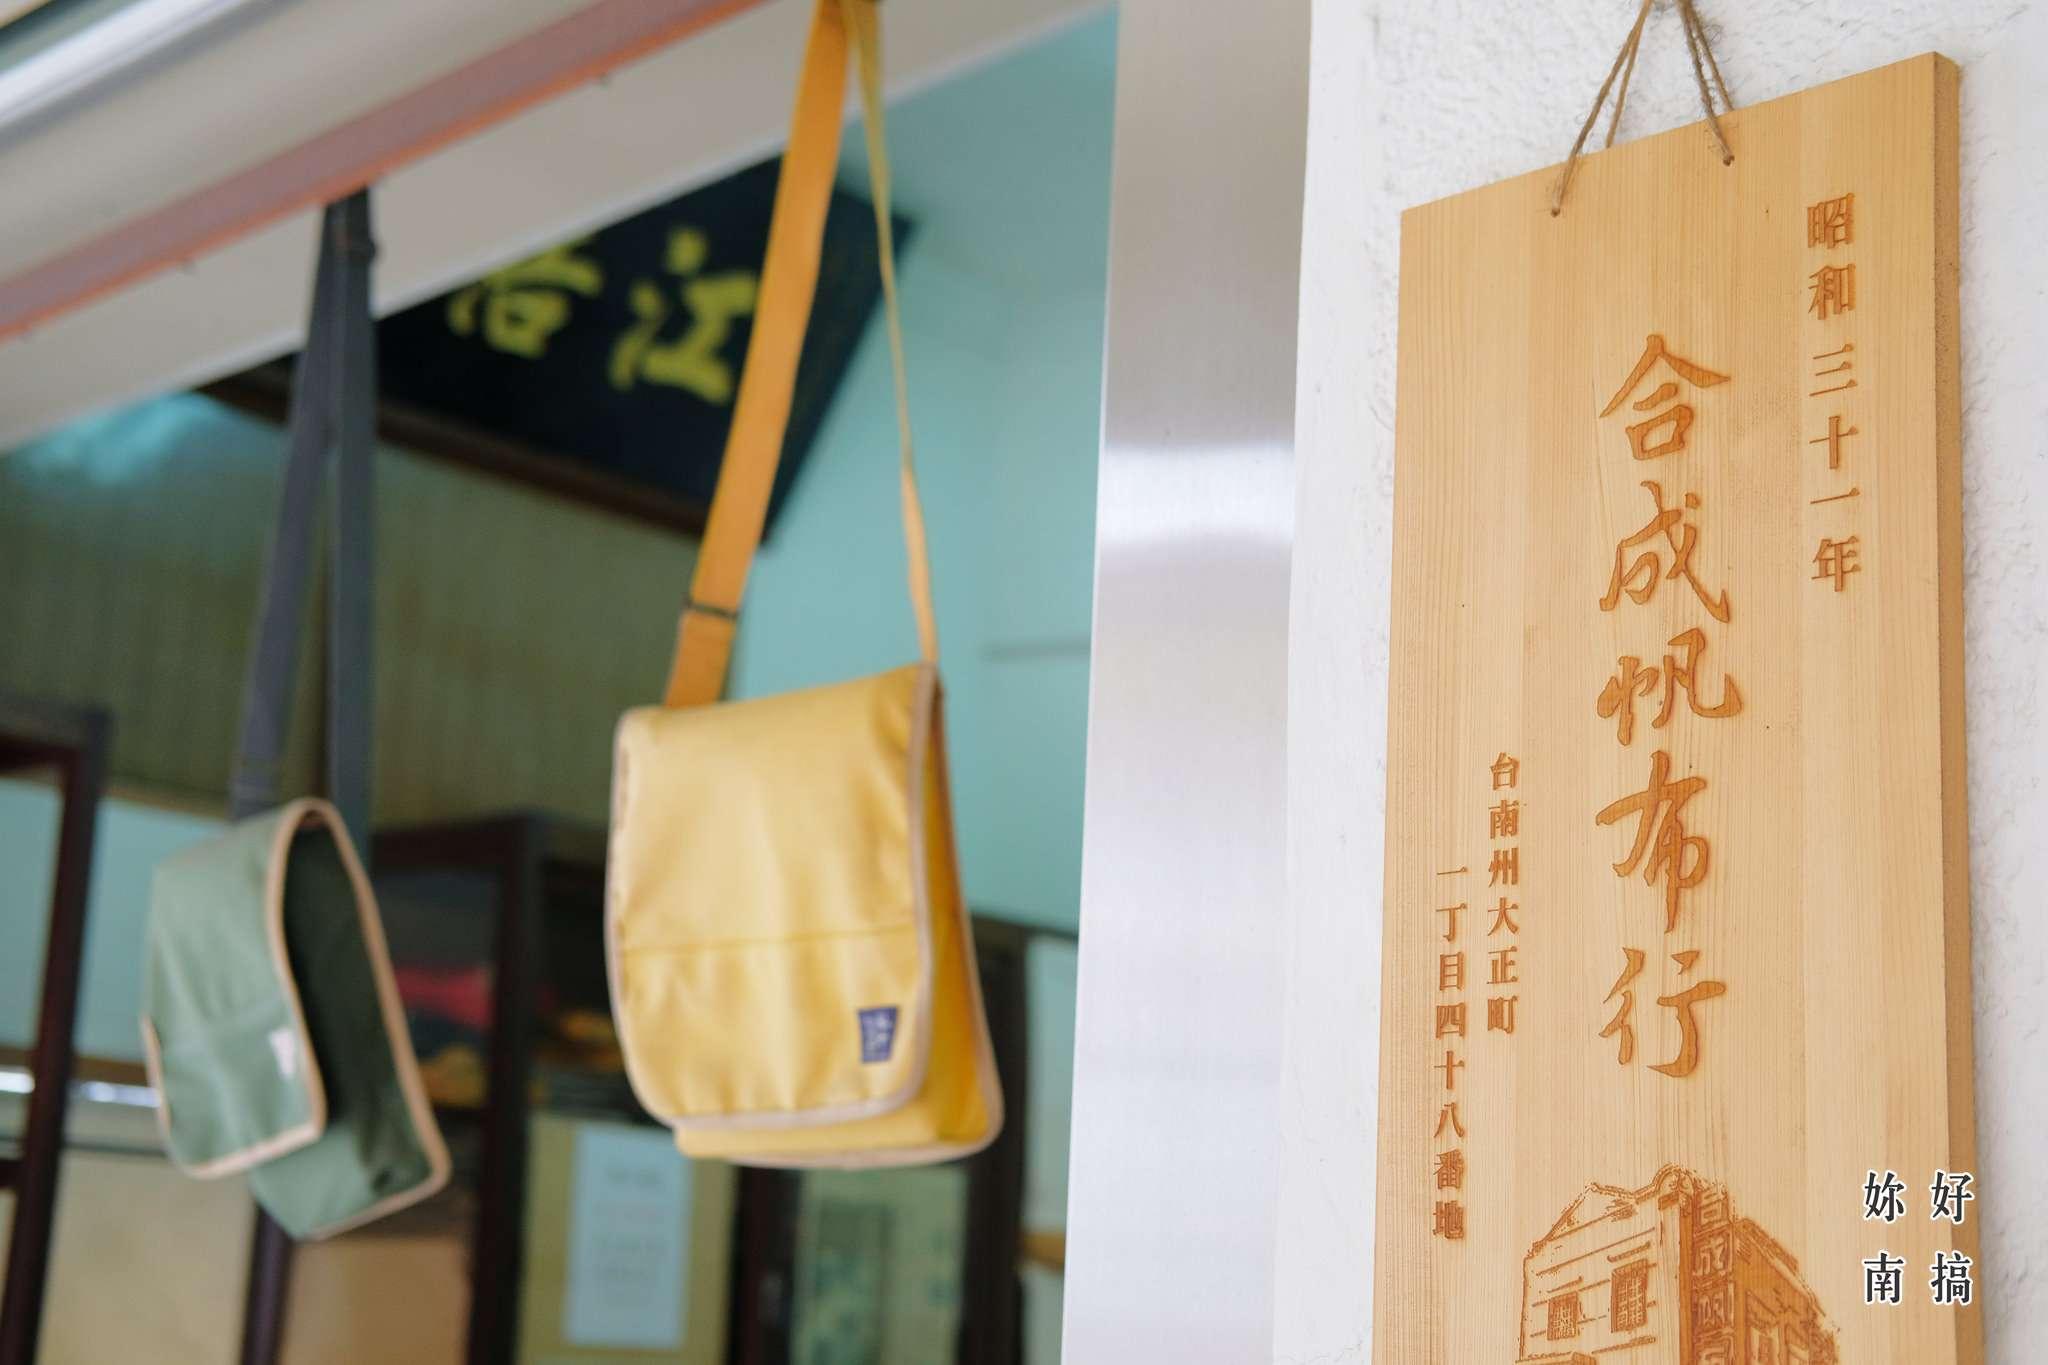 台南火車站附近景點-24-妳好南搞